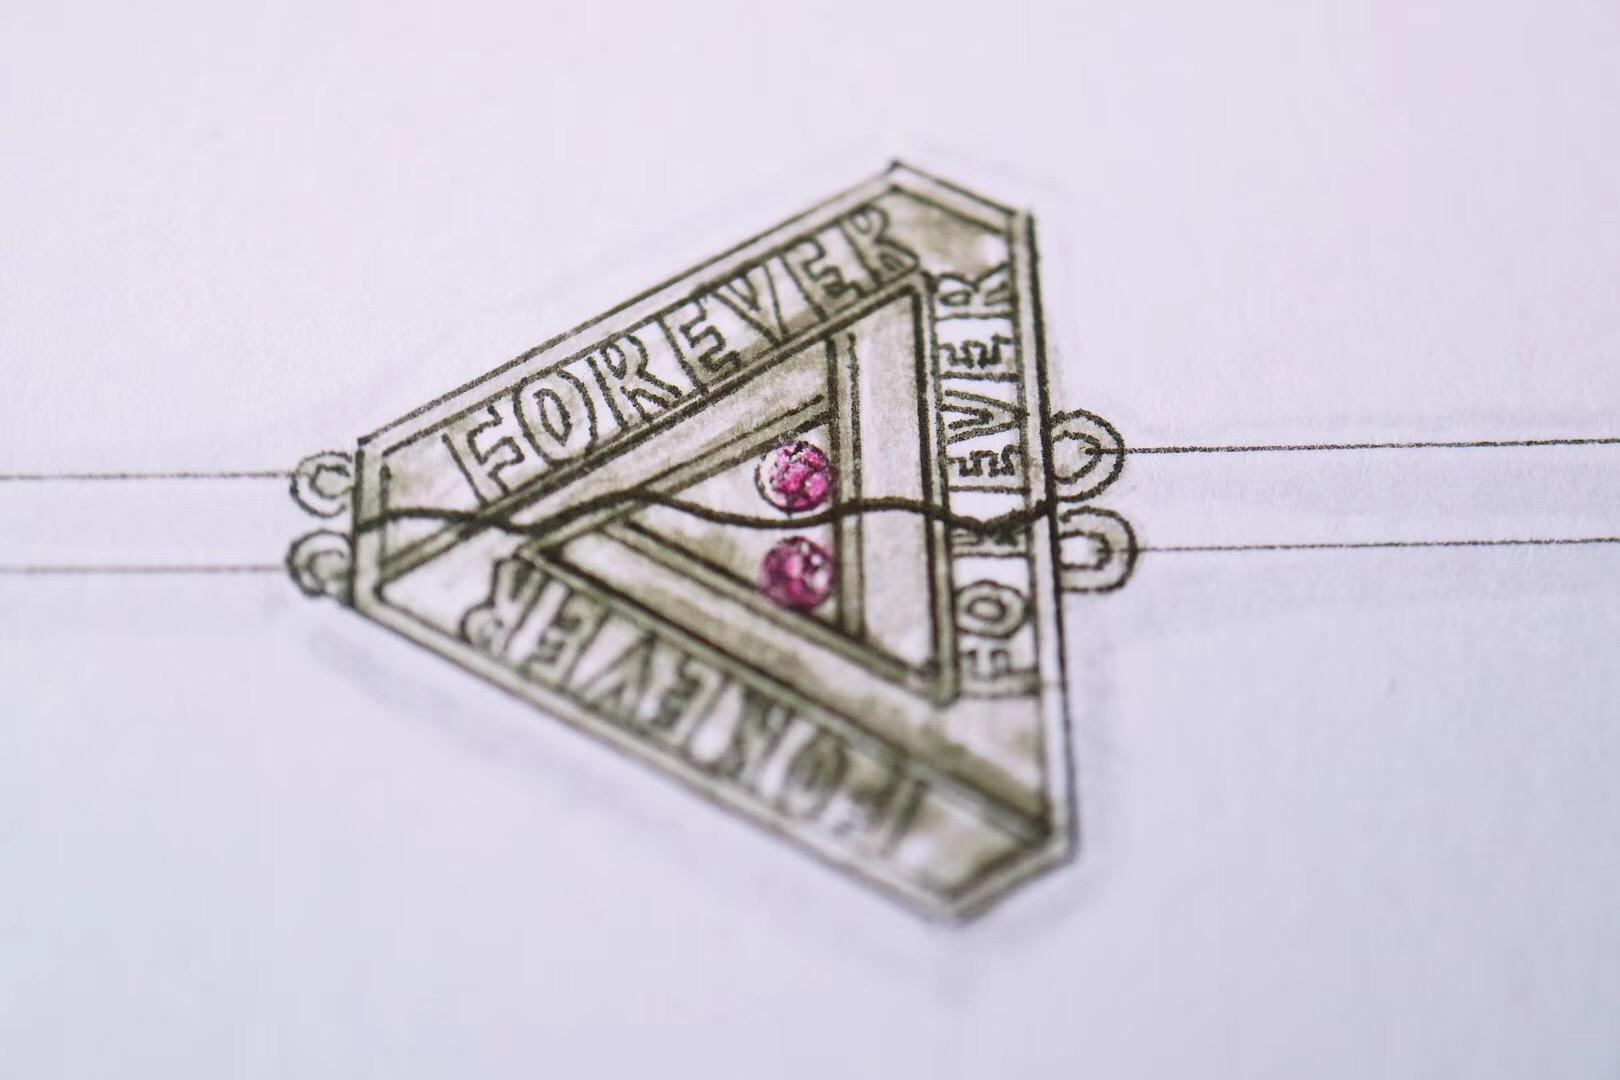 【菩心|手环定制】以铁三角和轮回作为主体,随机切一半,姐妹一人一半-菩心晶舍